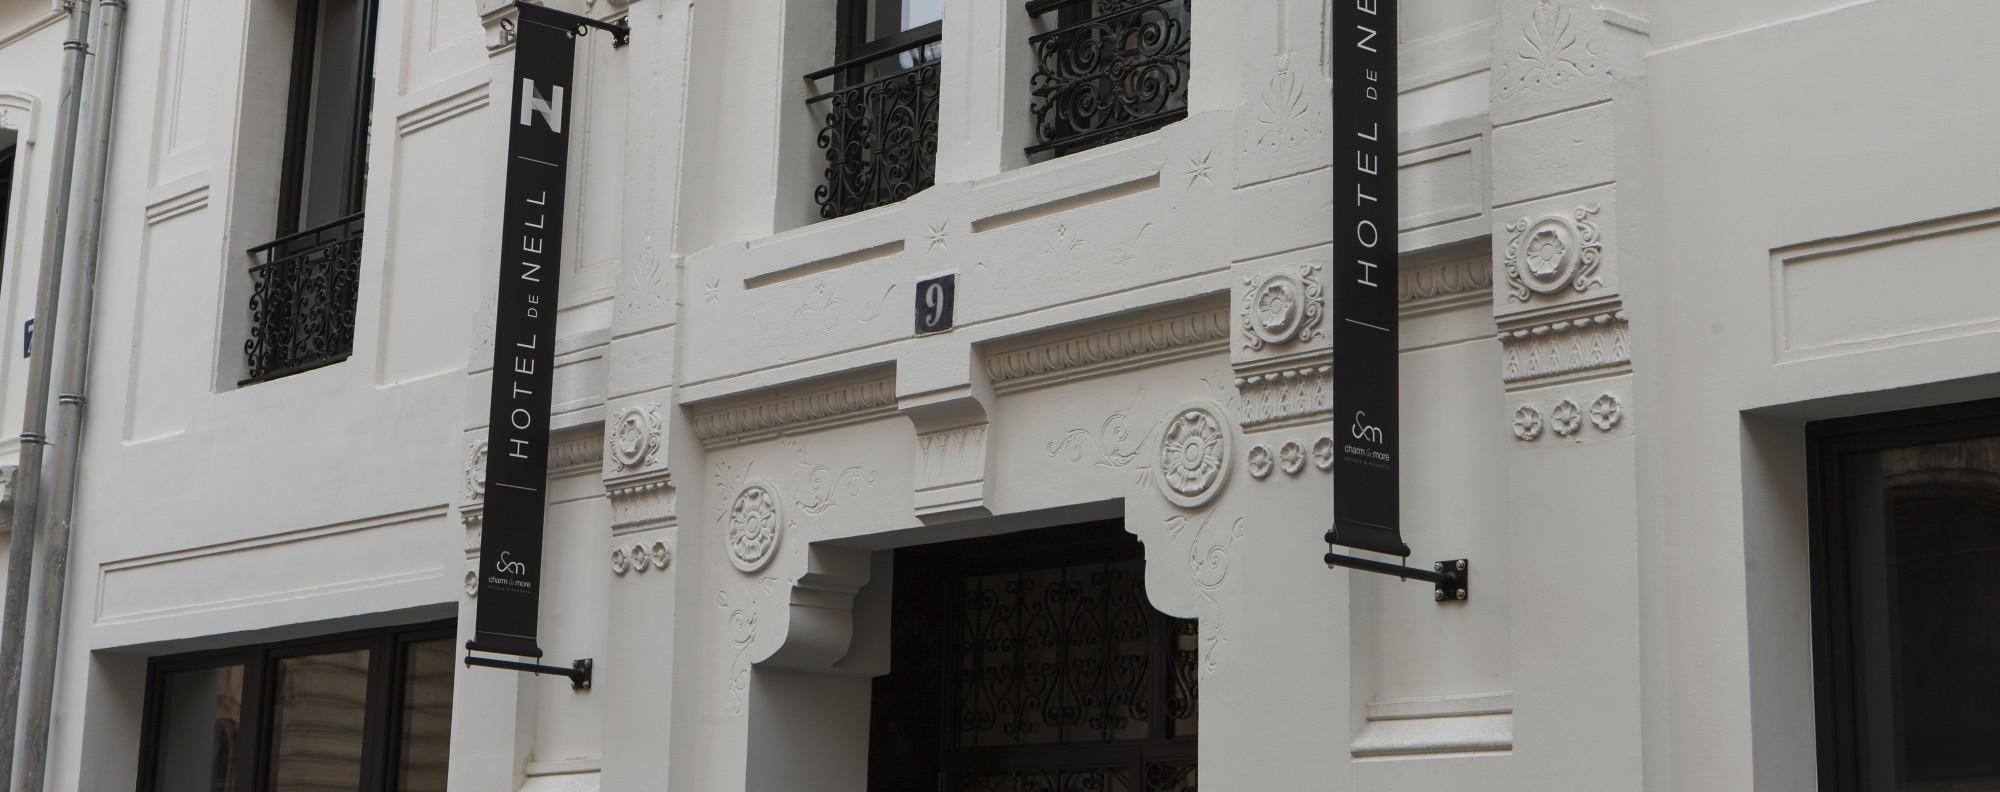 The Haussmann-style exterior of Hôtel de Nell, in Paris. Picture: Hôtel de Nell